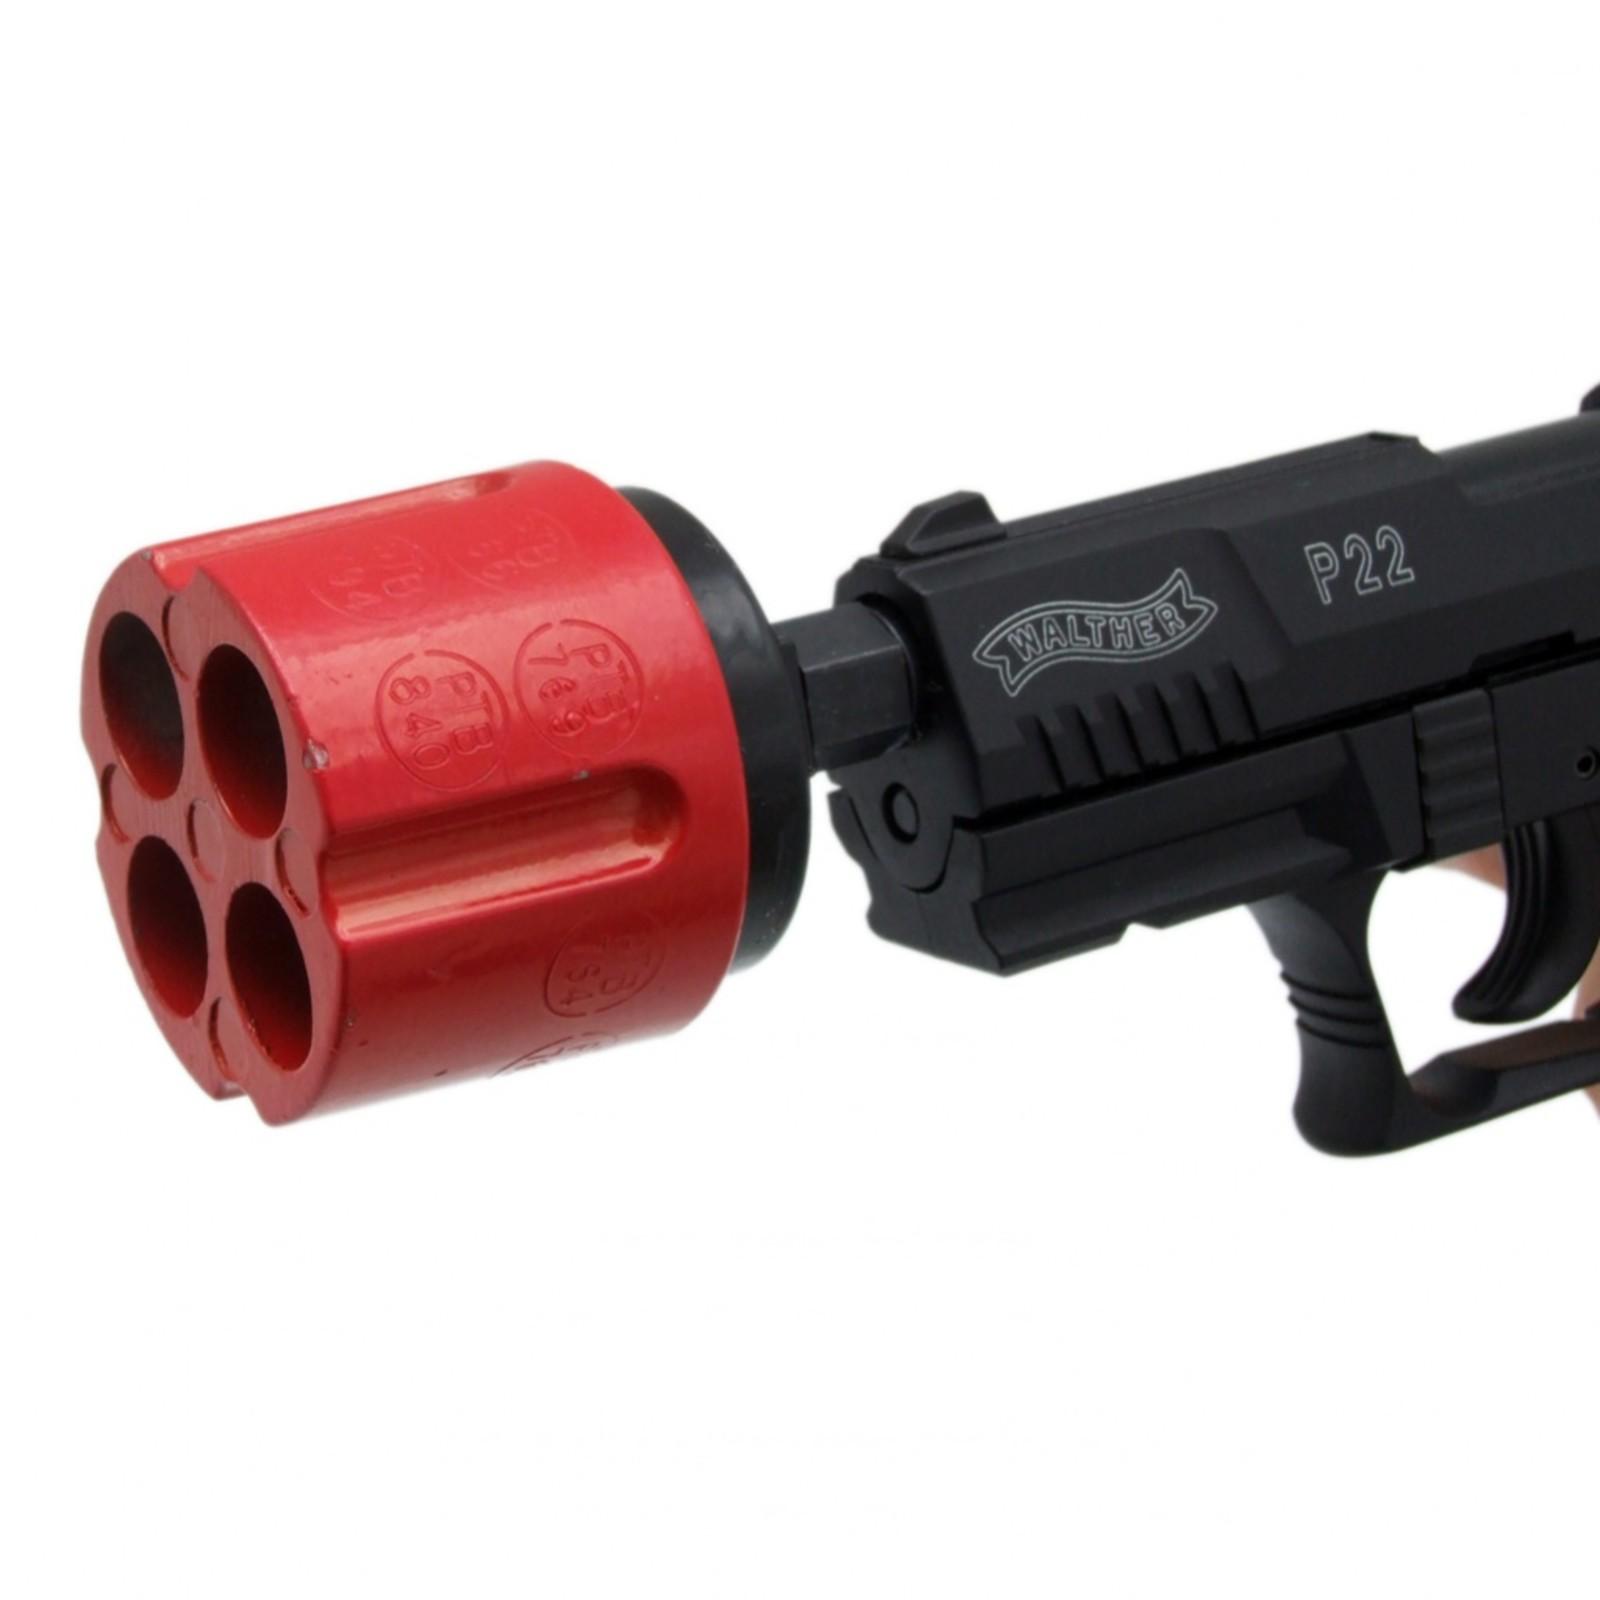 Nástavec na odpalování pyrotechniky Multi Shooter